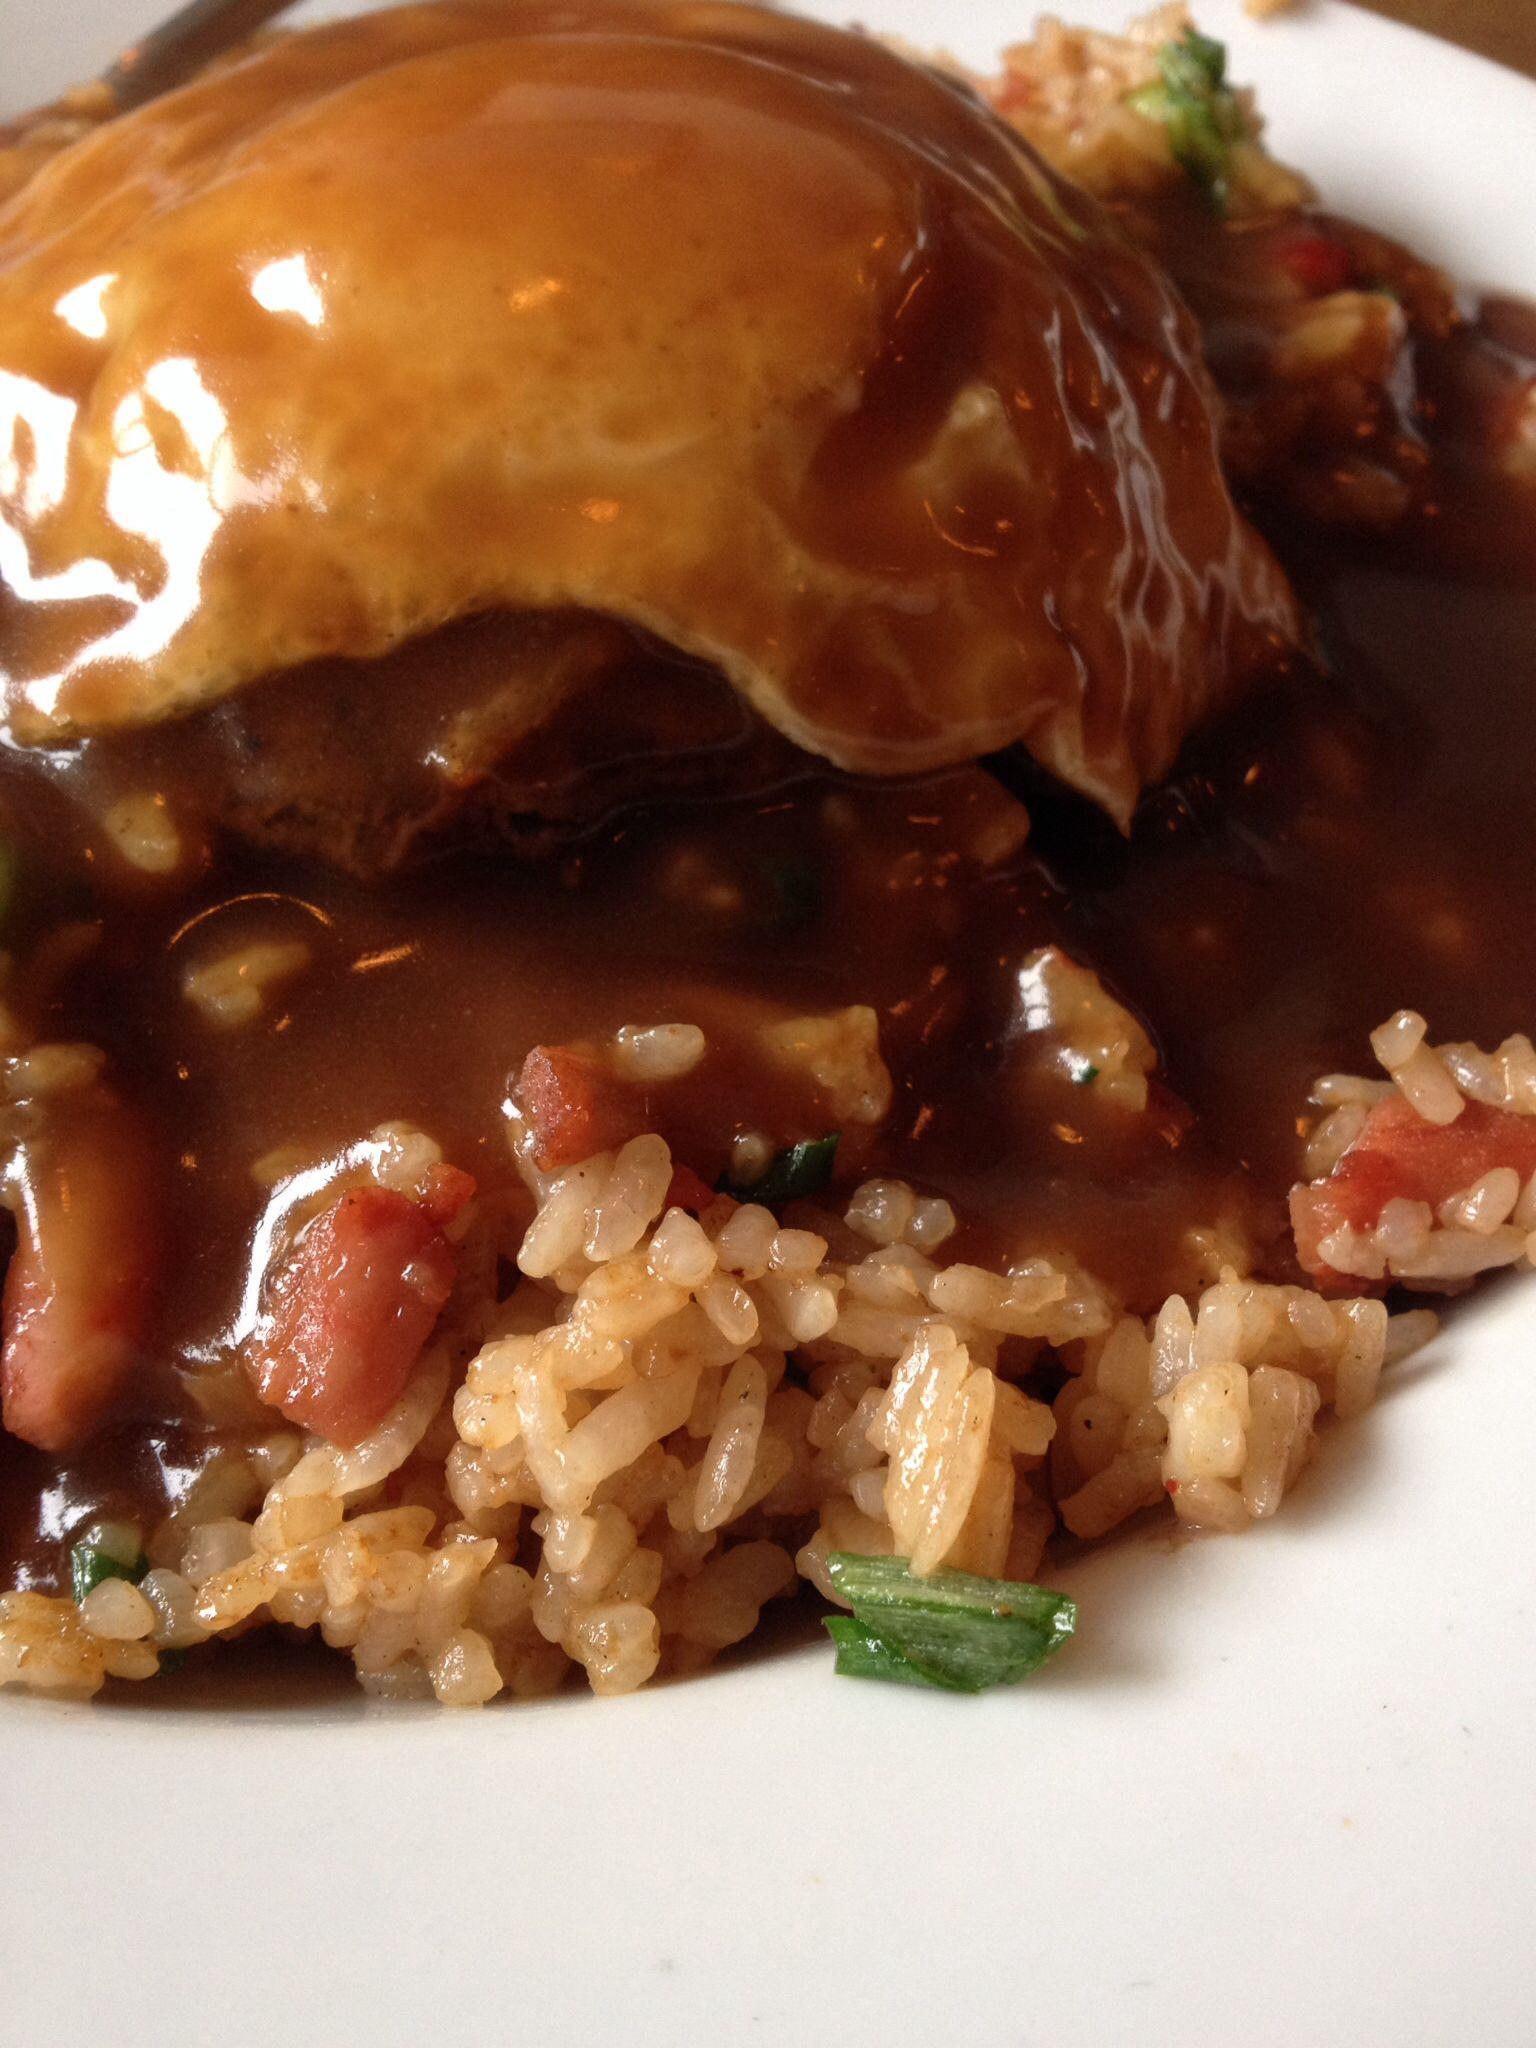 Best Comfort Food Hangover Remedy Fried Rice Loco Moco At Kona Kitchen Seattle Wa Food Tummy Yummy Kona Kitchen